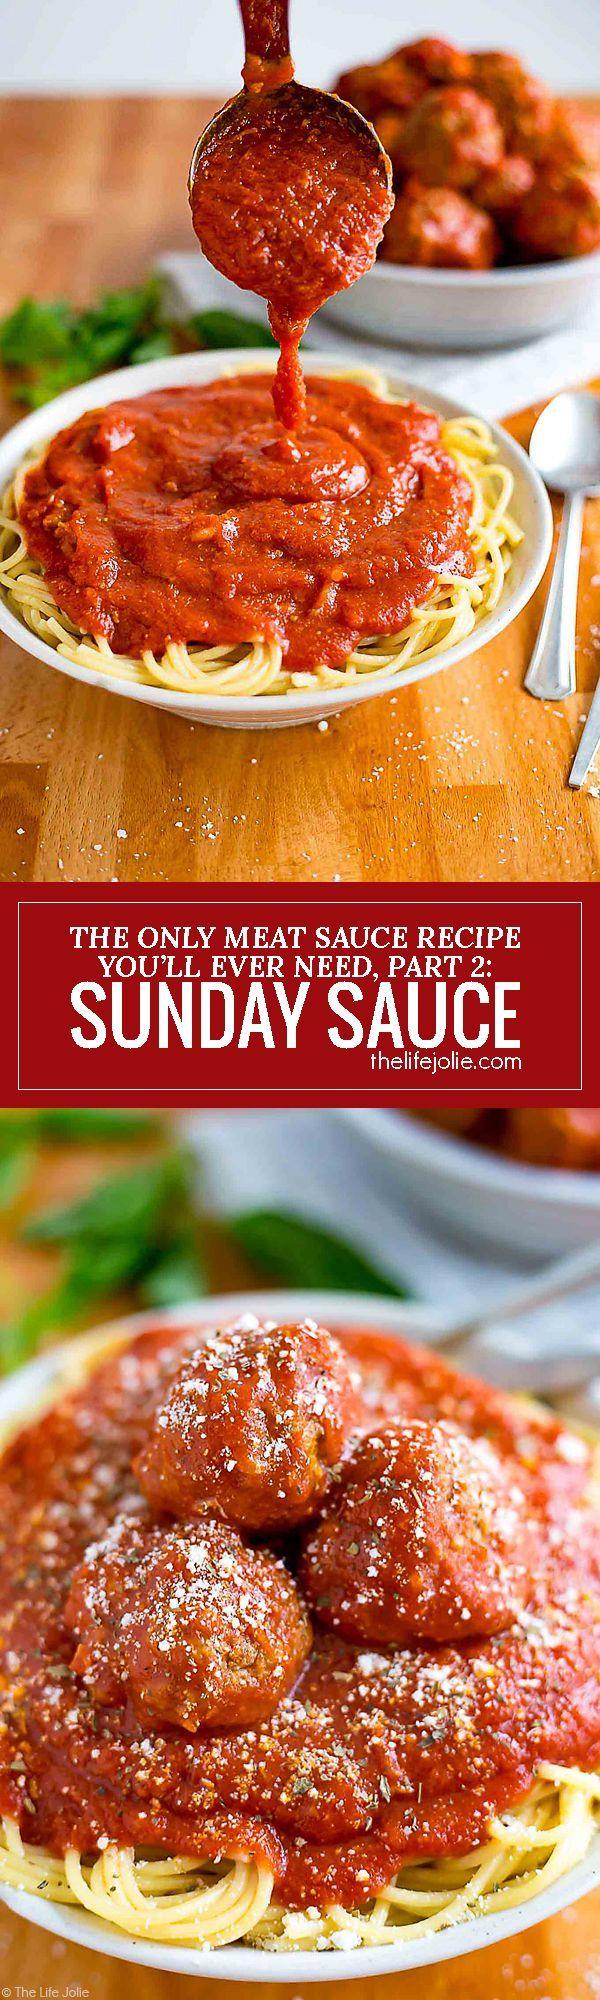 Sunday Sauce Recipe Dips, Sauces + DIY Condiments